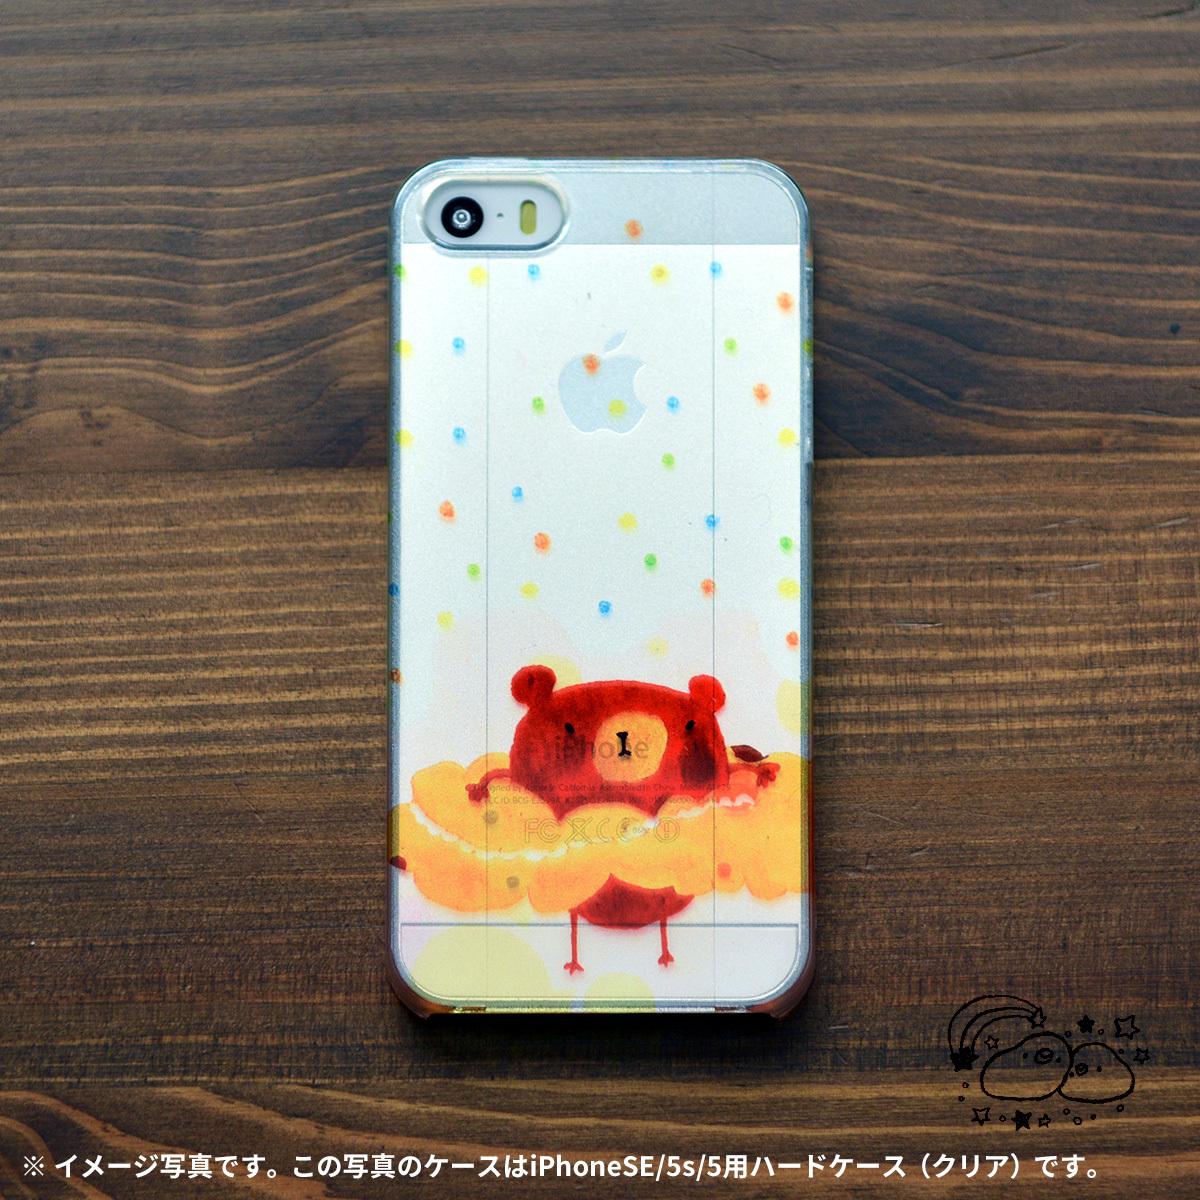 【BASE店限定】アイフォンse ケース クリア iPhoneSE クリアケース キラキラ かわいい くま クマ ぬん/chitch